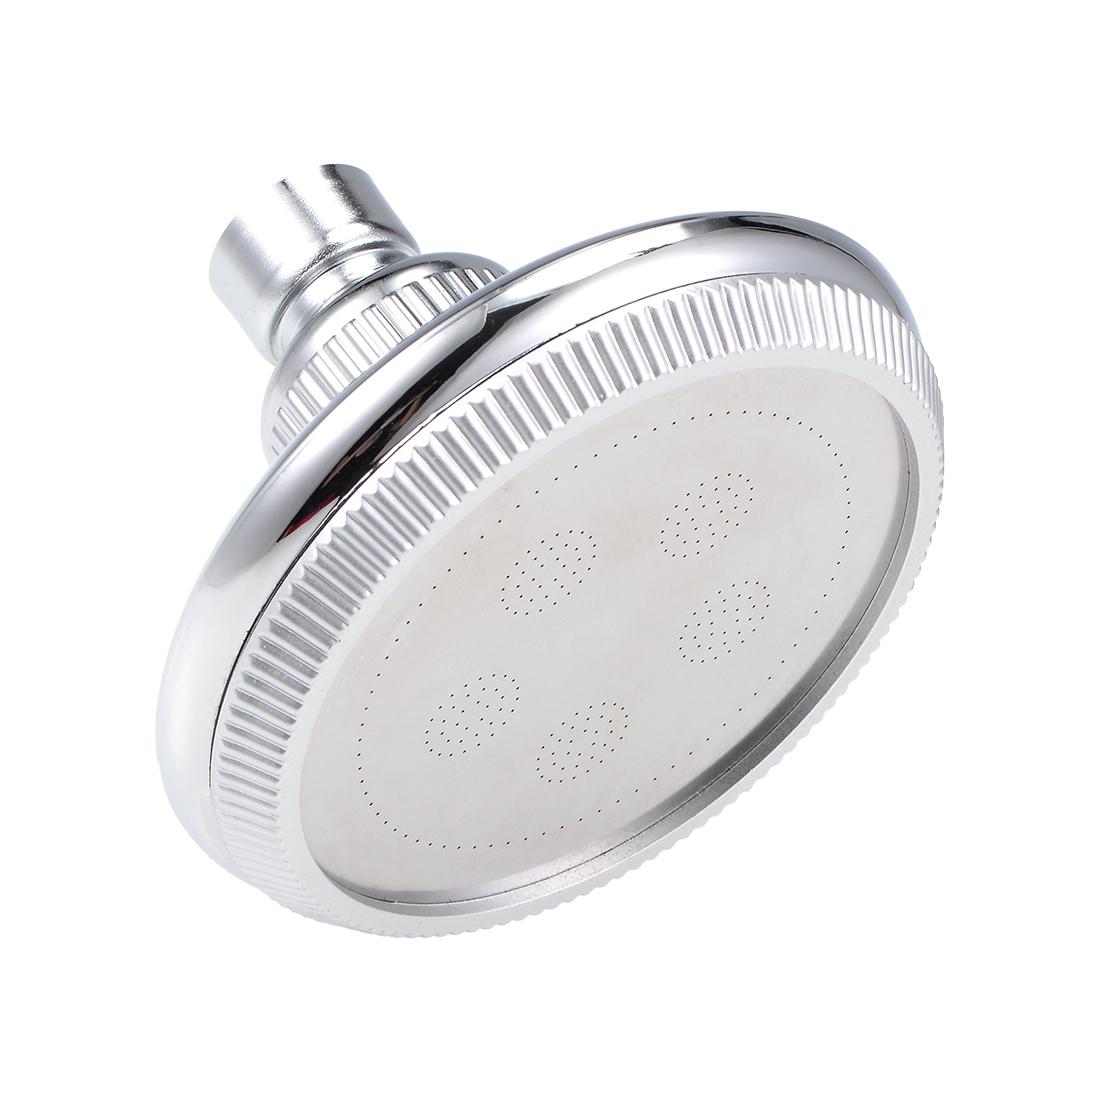 High Pressure Shower Head -3.8 Inch Anti-leak Fixed Chrome Showerhead Adjustable